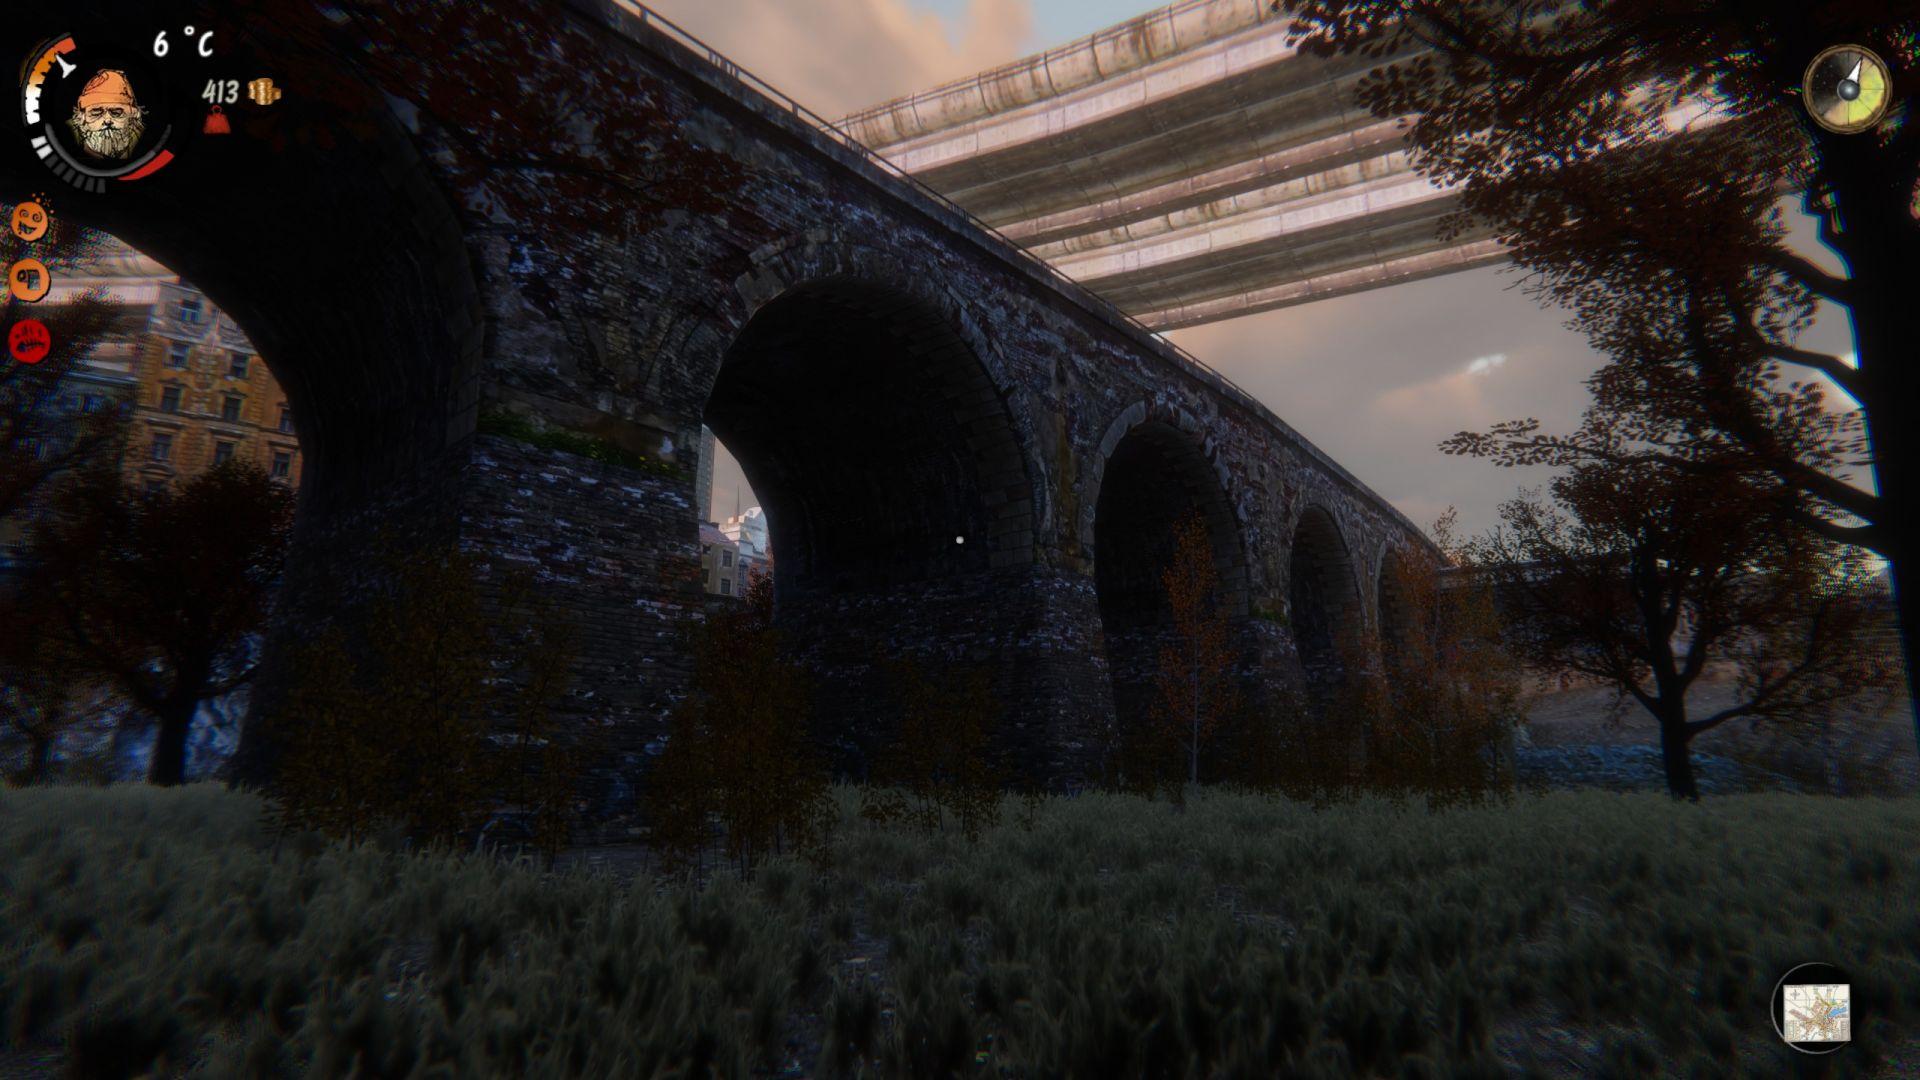 No uznejte - pod tak majestátním mostem by byla škoda nebydlet!